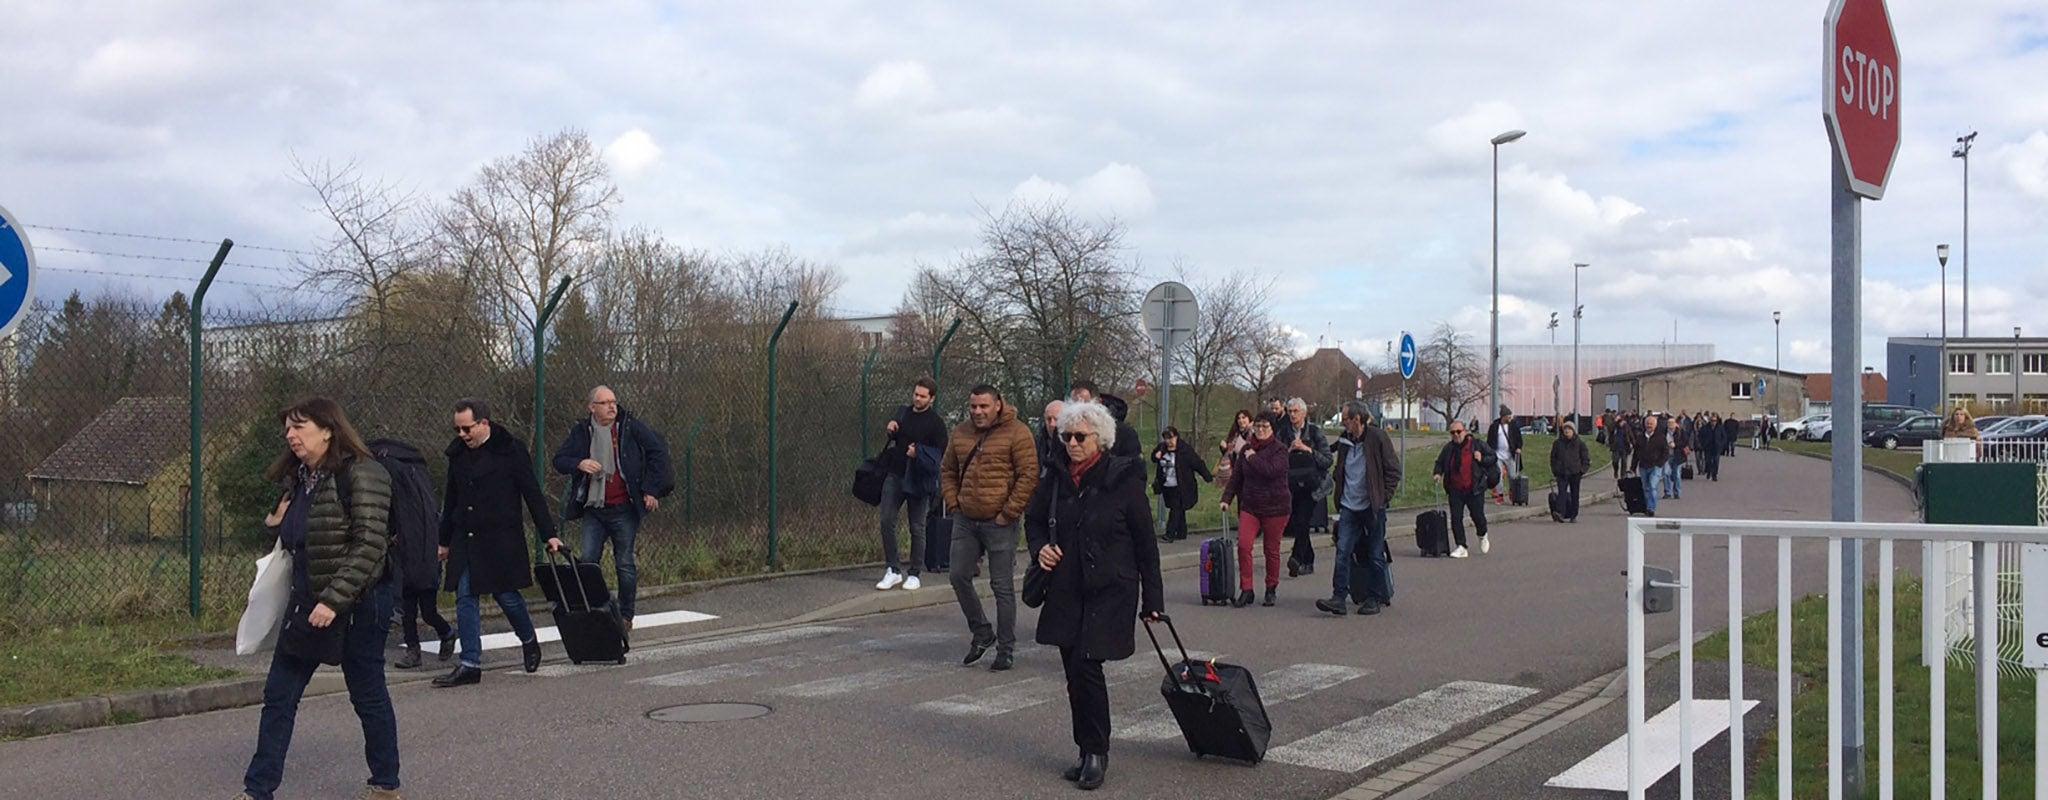 Alerte à la bombe : l'aéroport d'Entzheim évacué